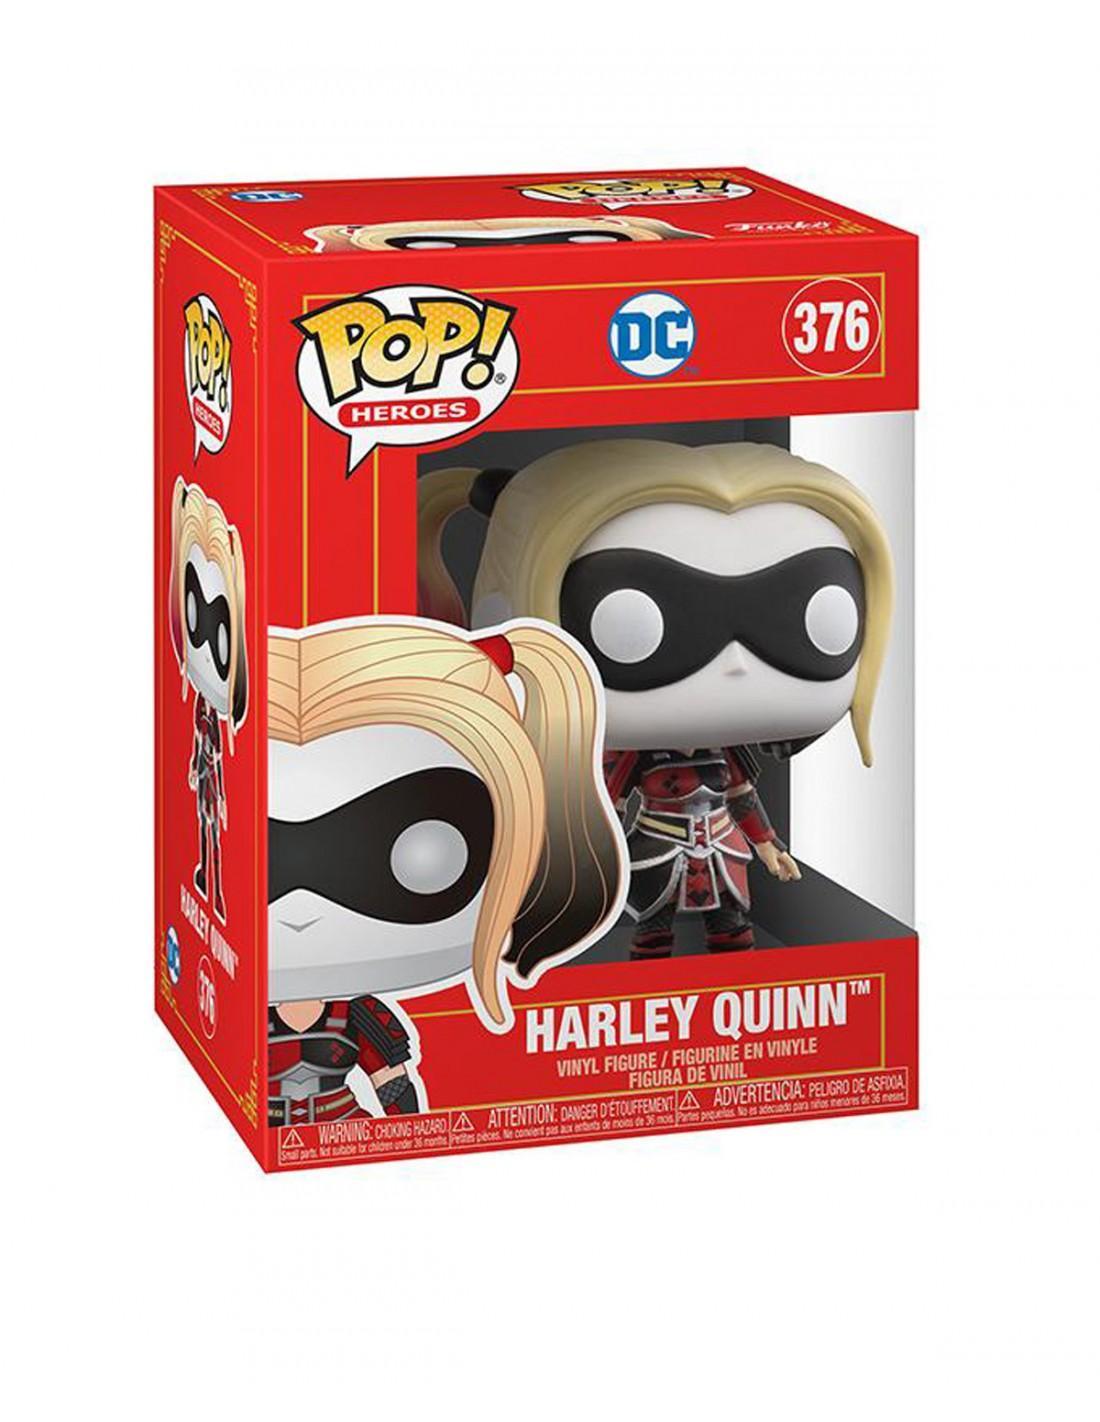 Figurine pop harley quinn pop heroes 376